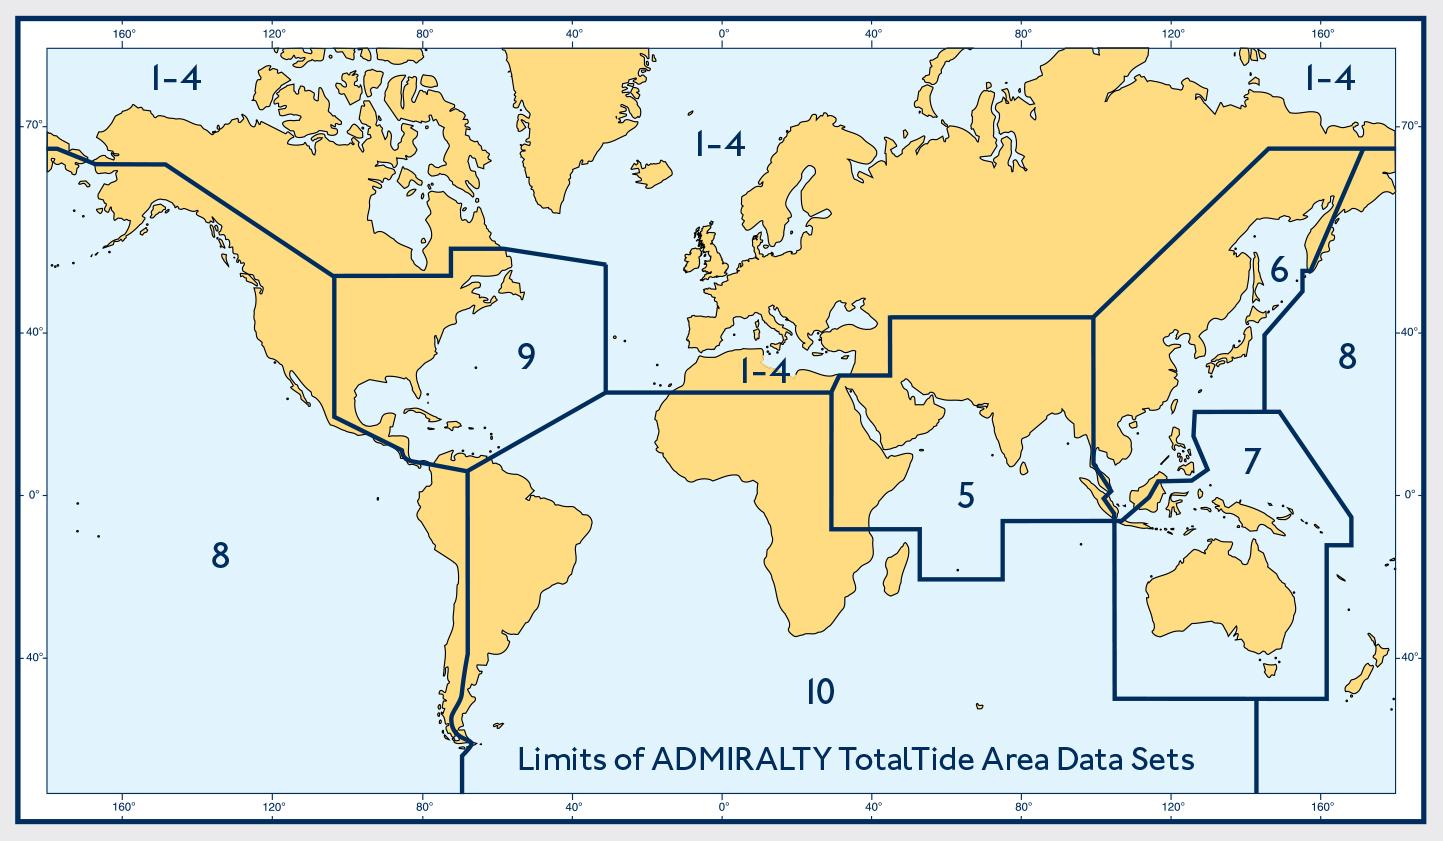 ADMIRALTY TotalTide Abeckung weltweit